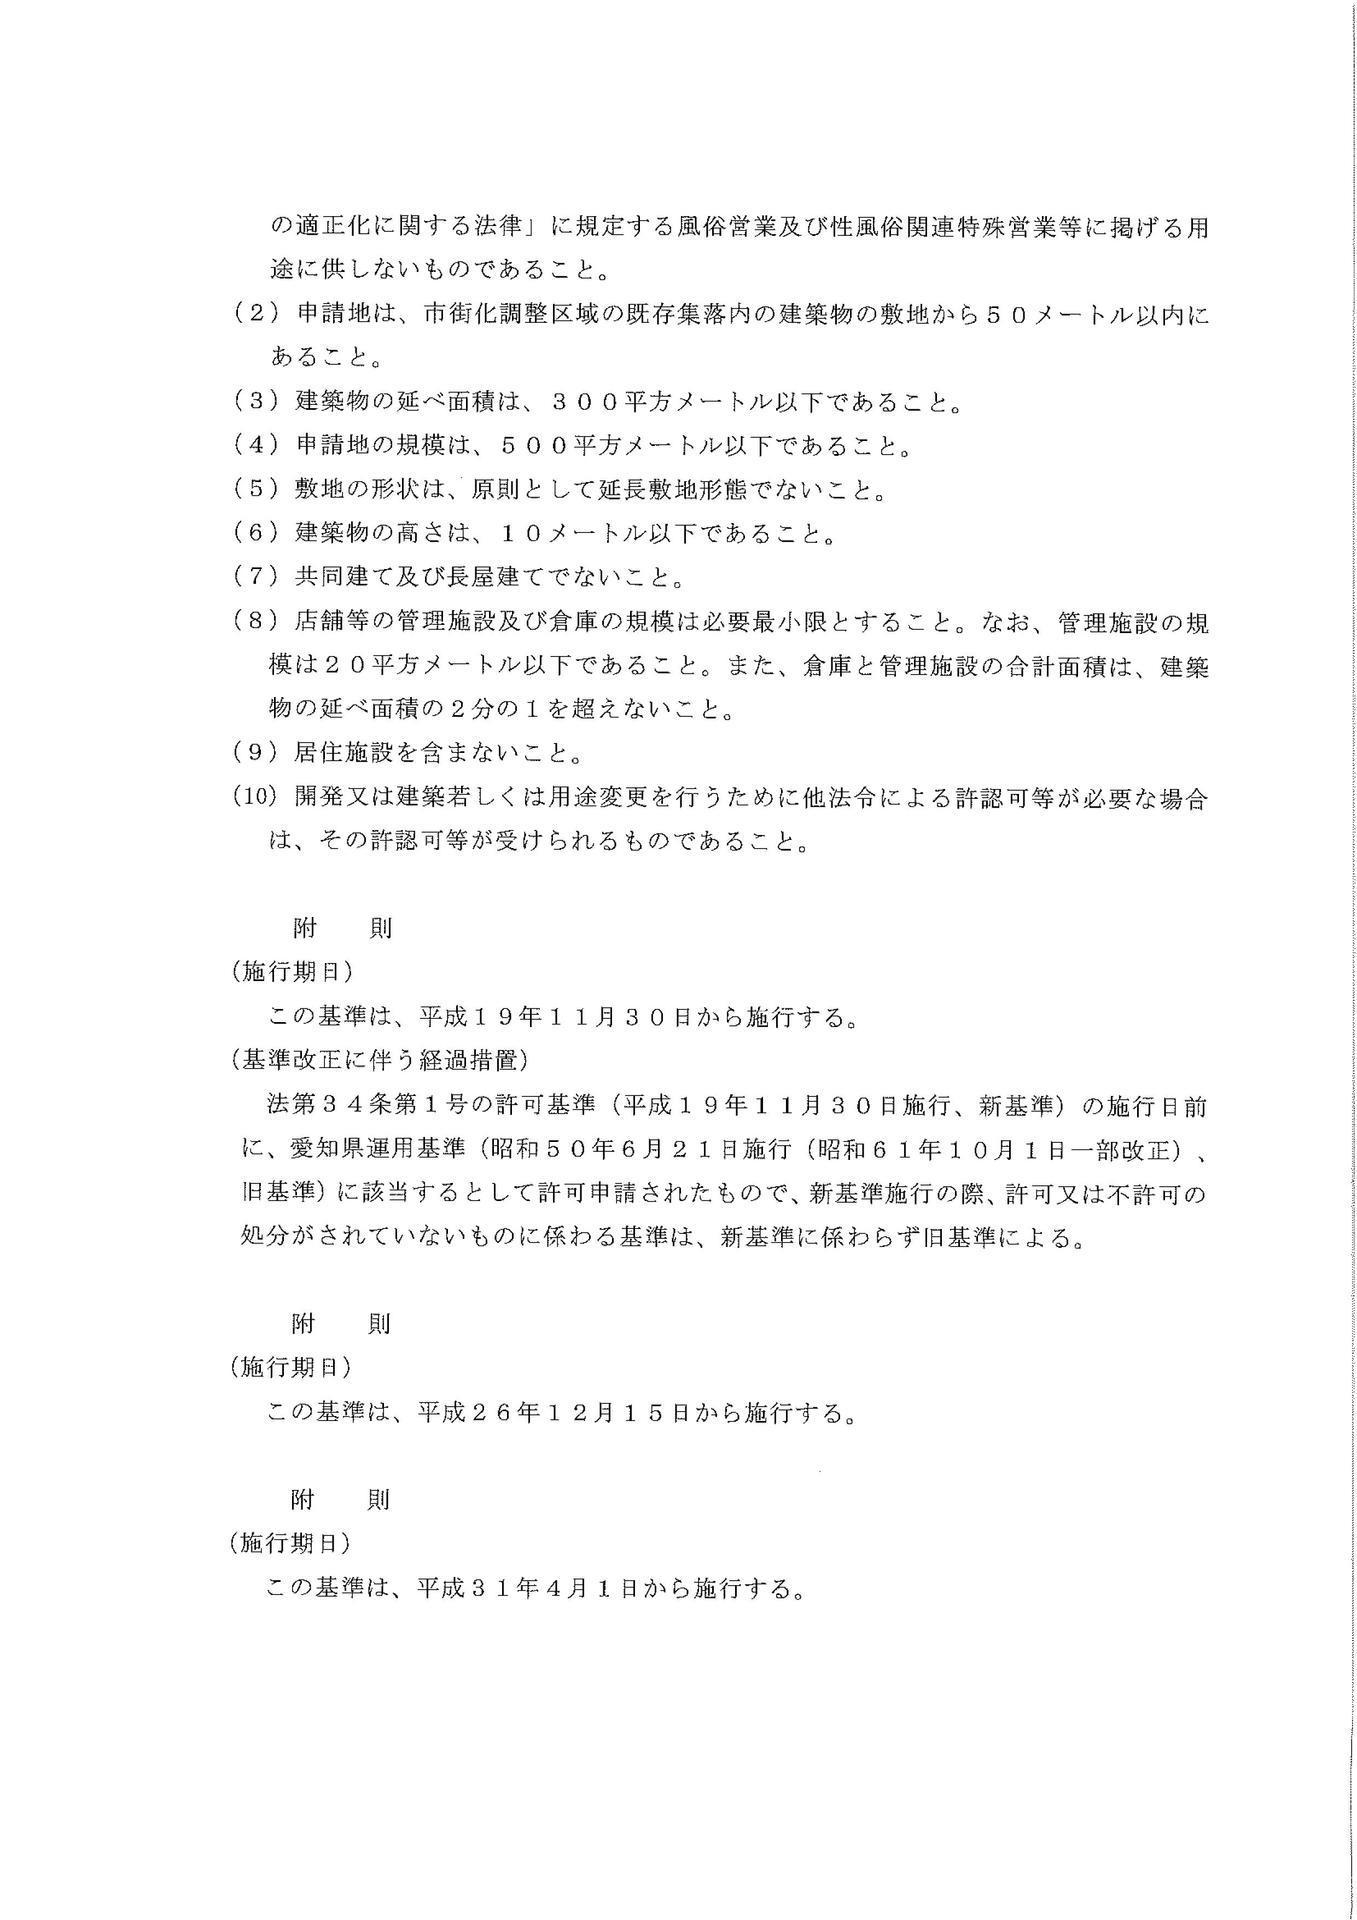 190305 H3103各種案内_03.jpg